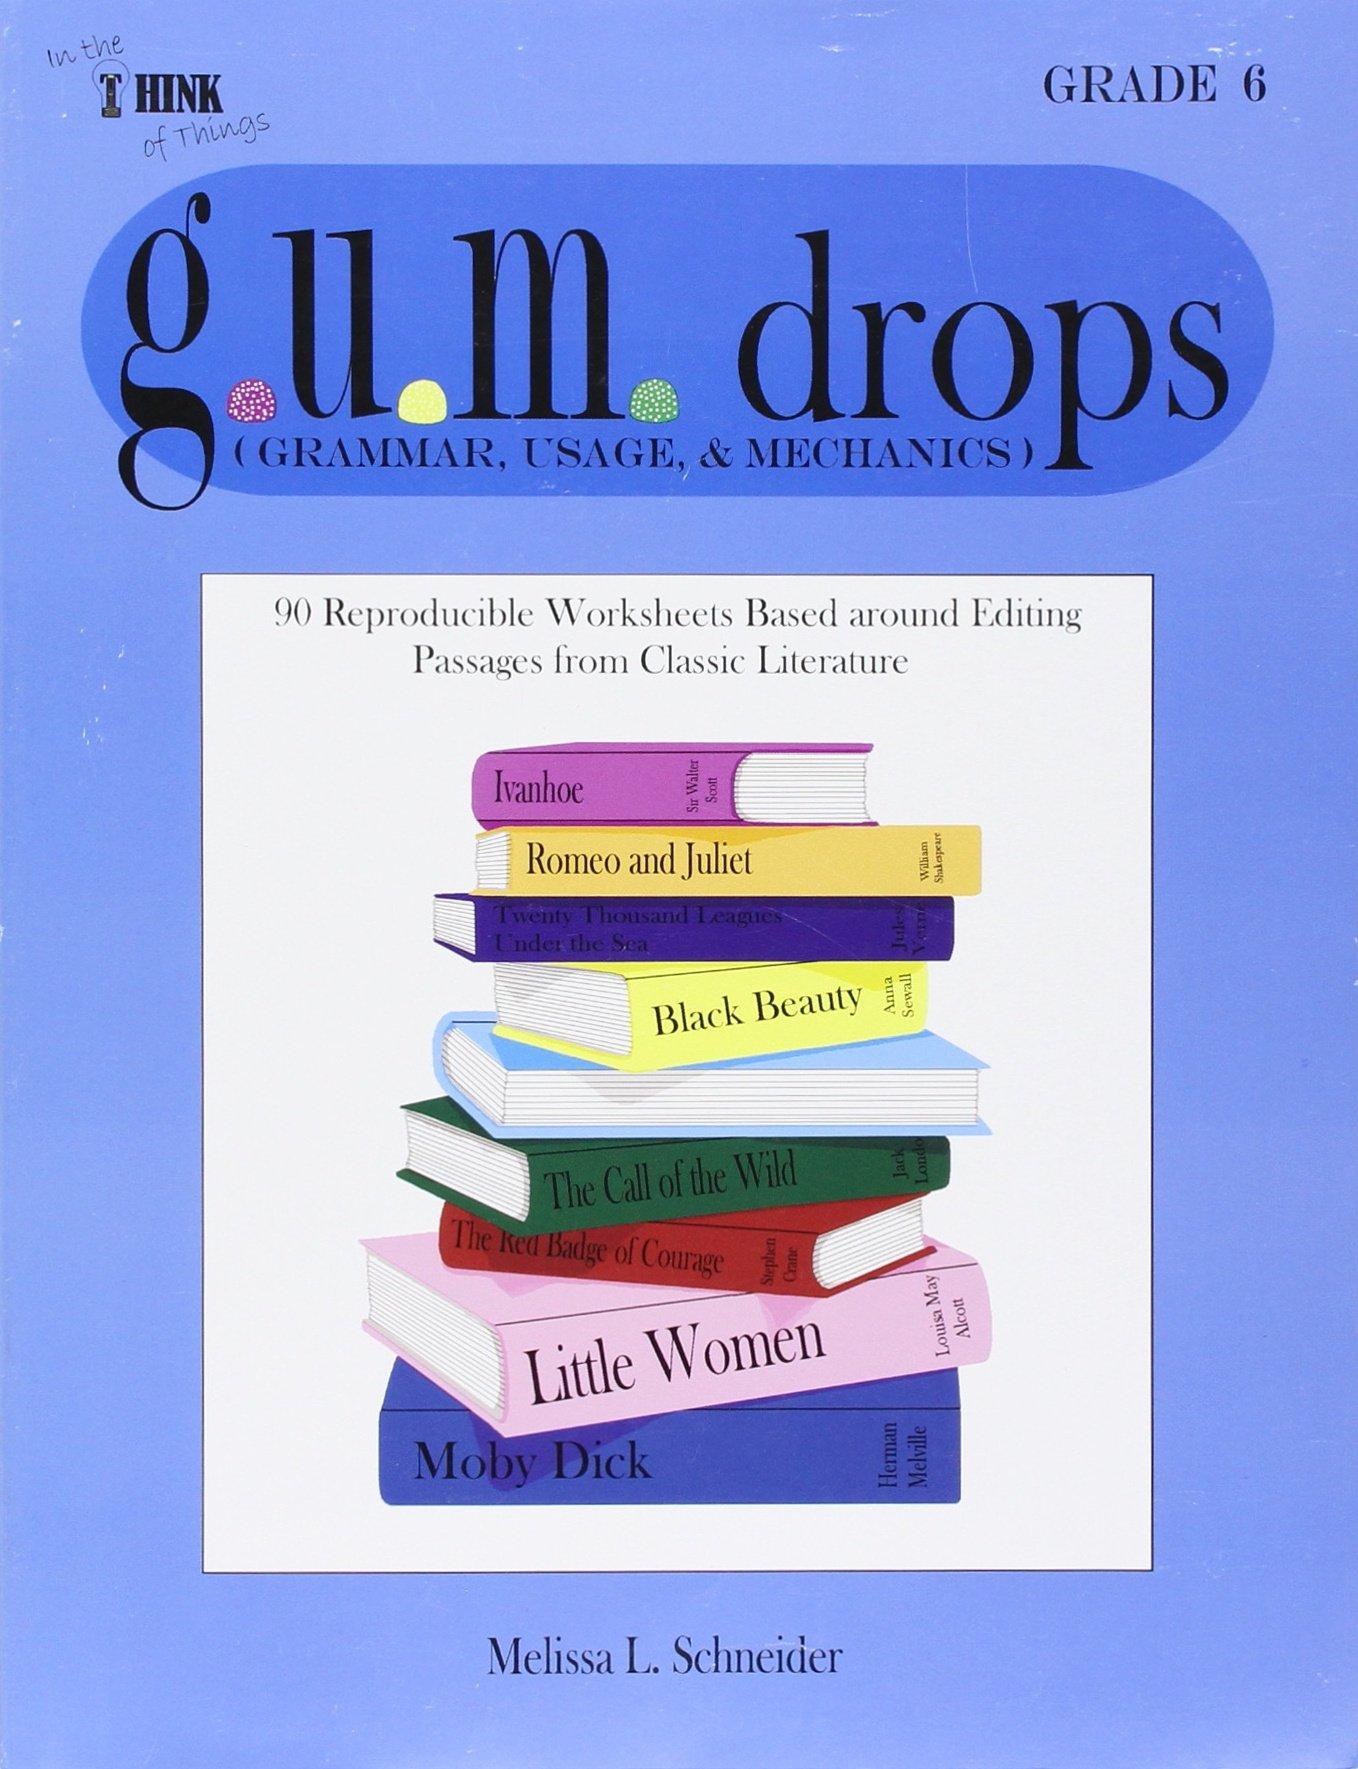 Download G.U.M.drops Grade 6 PDF